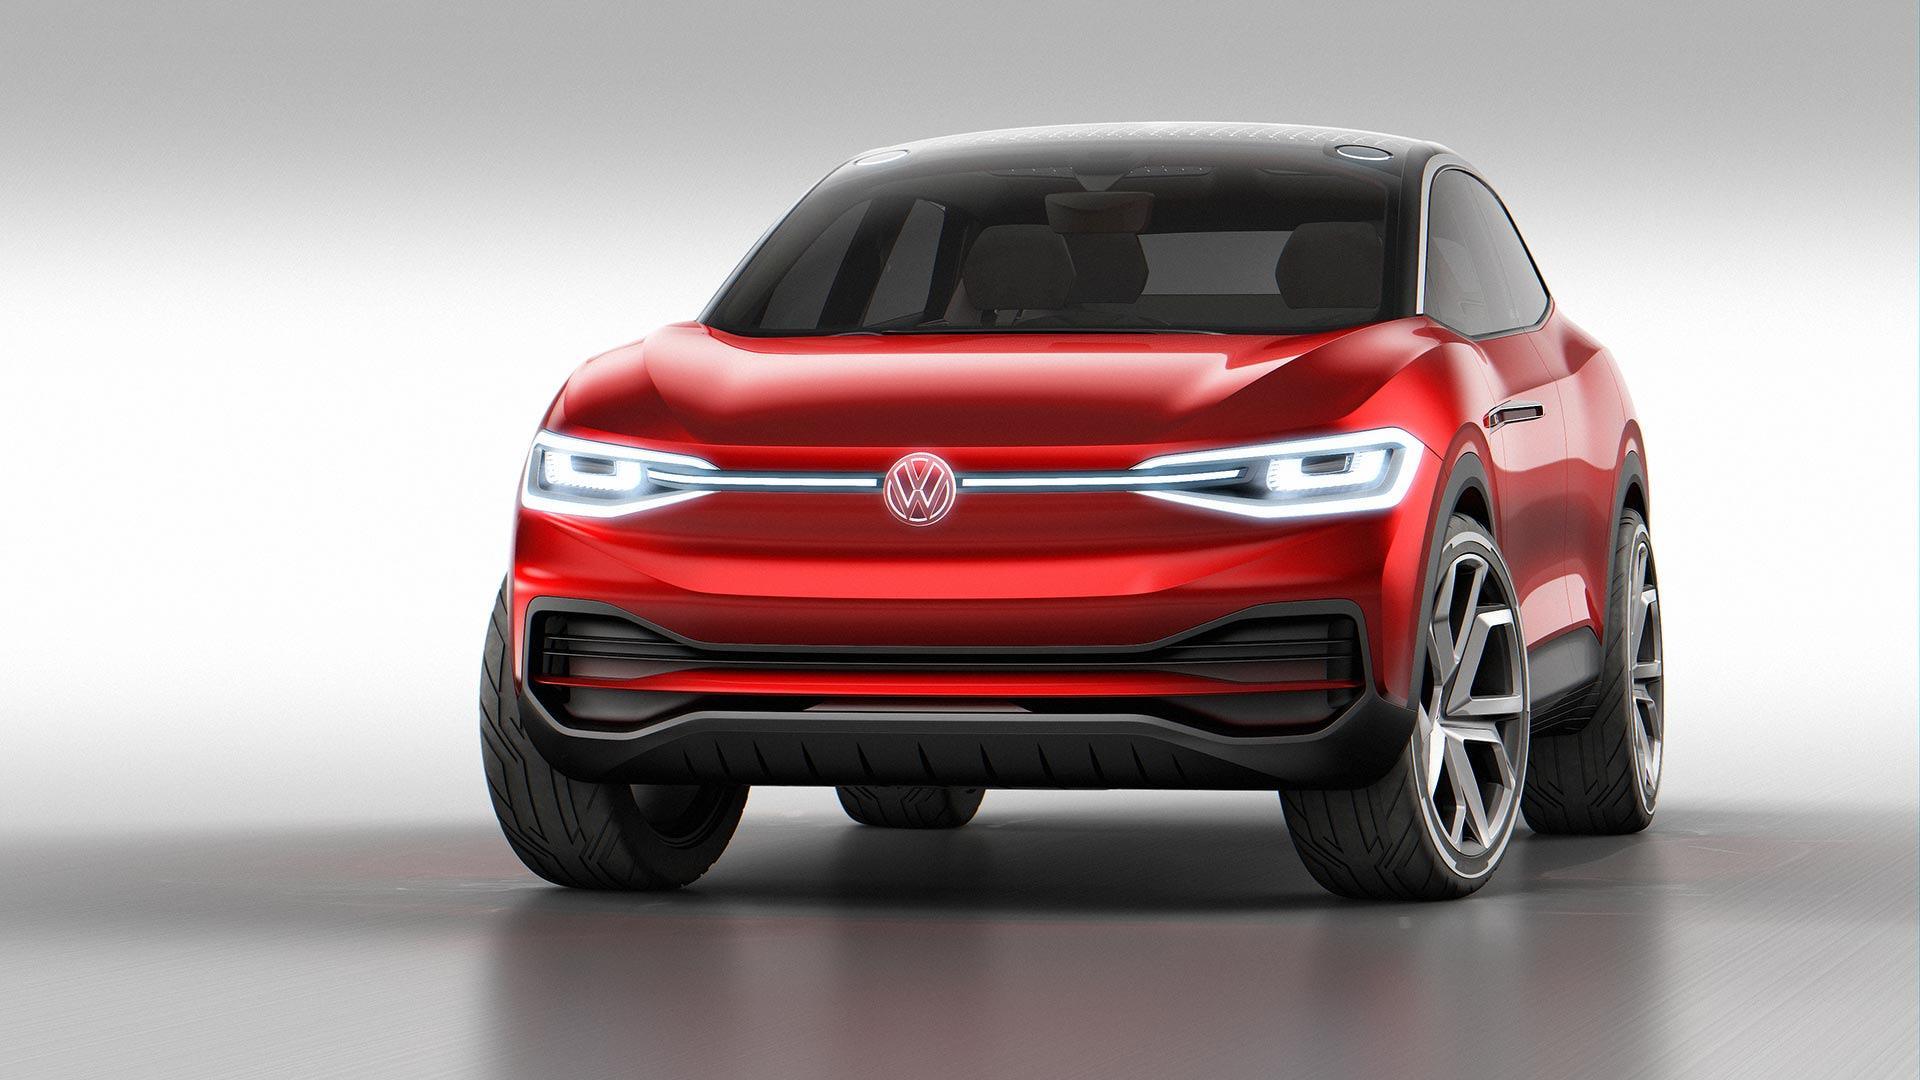 El Volkswagen Variosport llegará antes de 2020, ¿qué sabemos hasta ahora?